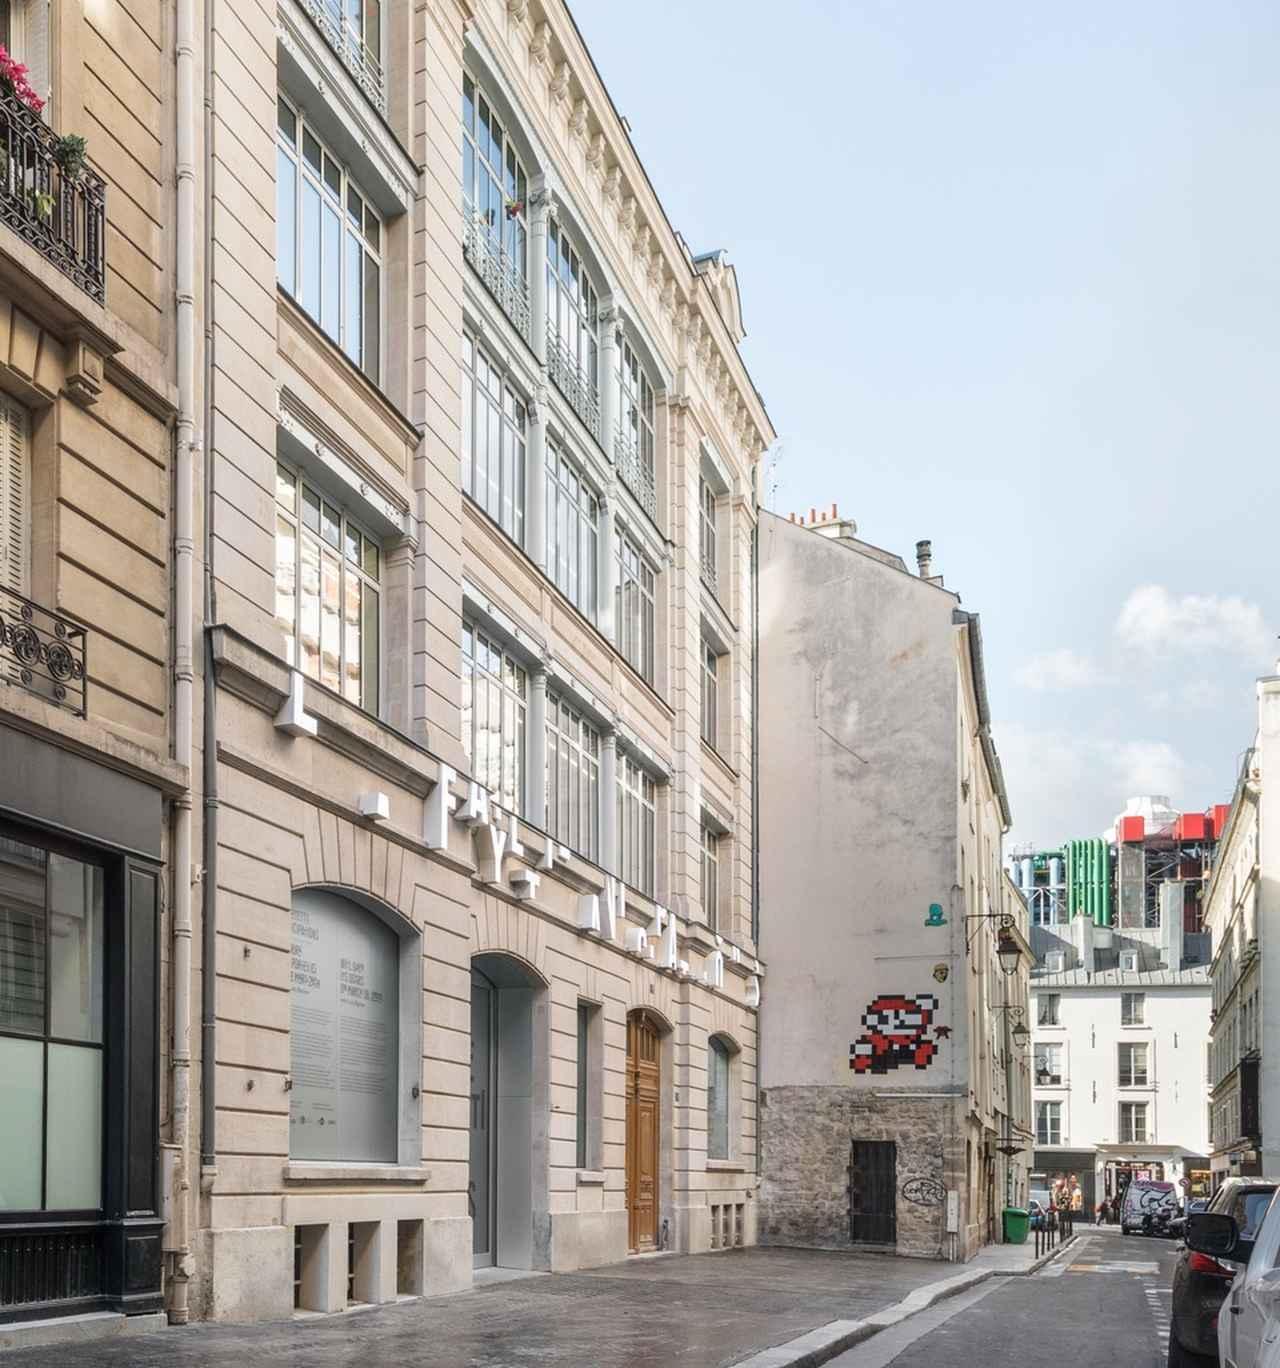 Images : 1番目の画像 - 「伝統と未来が交錯する パリ、マレ地区に誕生した 現代アートの新・発信地」のアルバム - T JAPAN:The New York Times Style Magazine 公式サイト